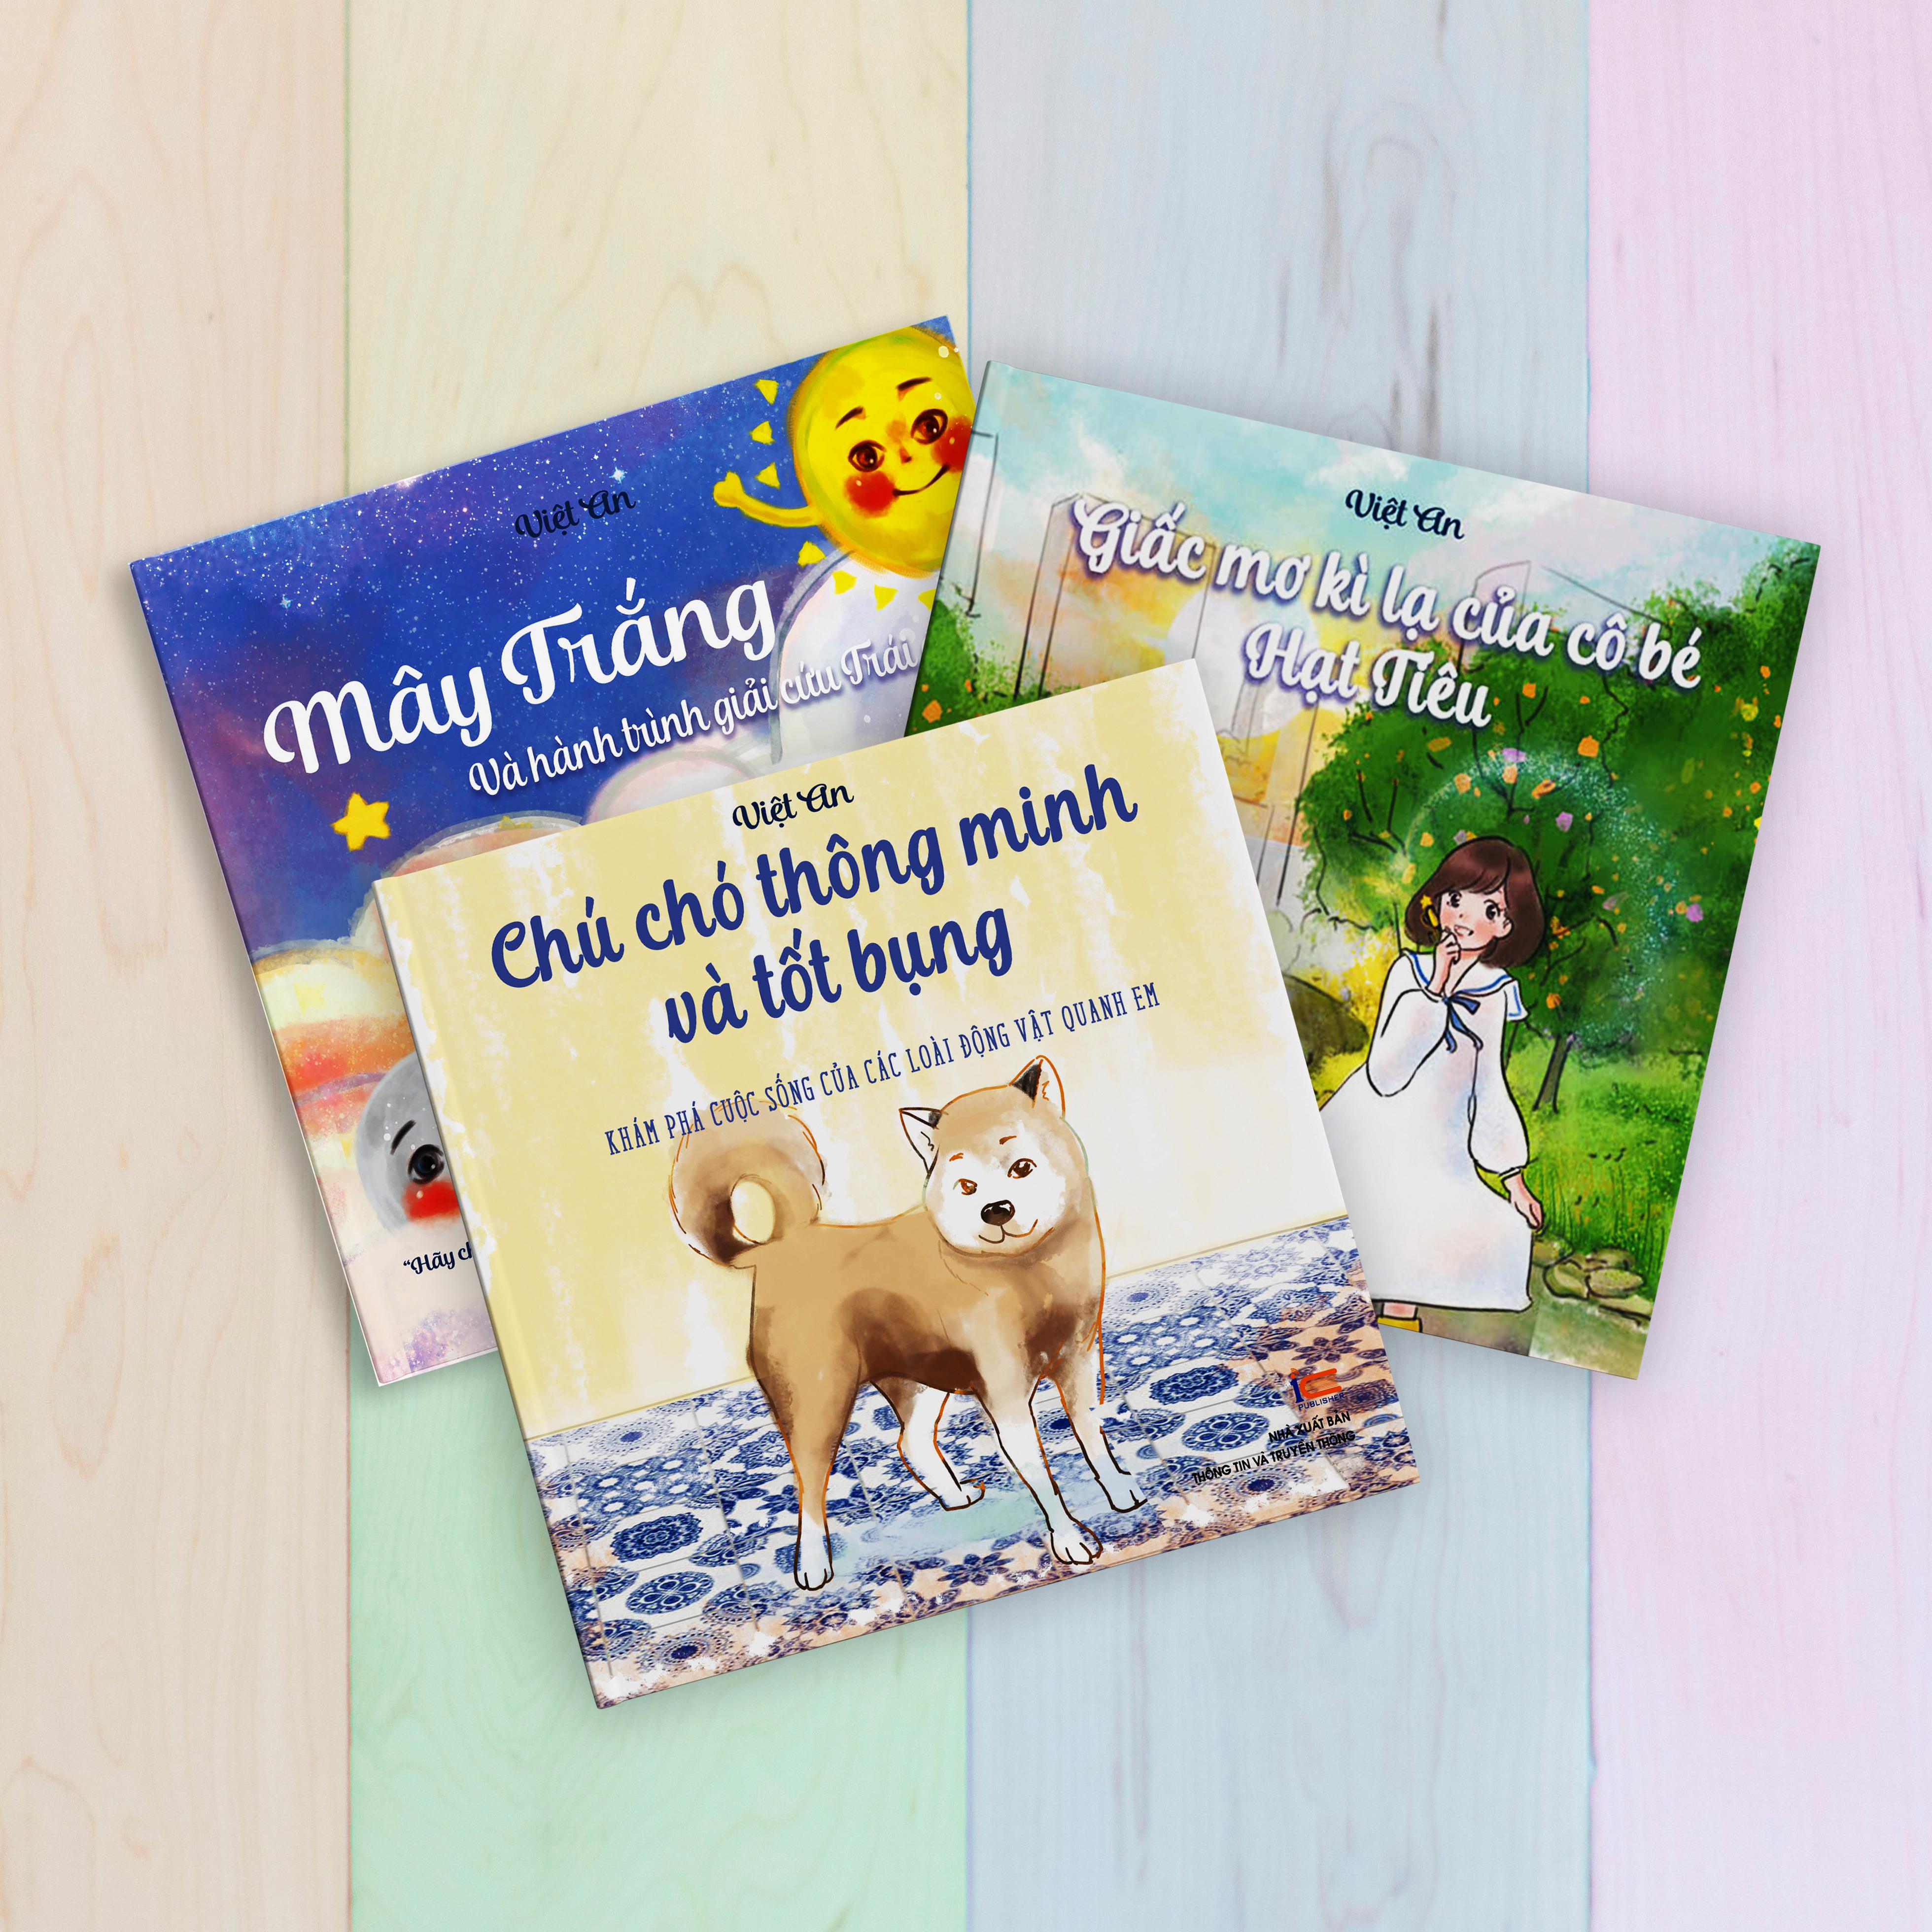 Sách Thiếu Nhi - Combo 3 cuốn truyện tranh: Giấc mơ kì lạ của cô bé hạt tiêu, Mây trắng và hành trình giải cứu Trái Đất, Chú chó thông minh và tốt bụng